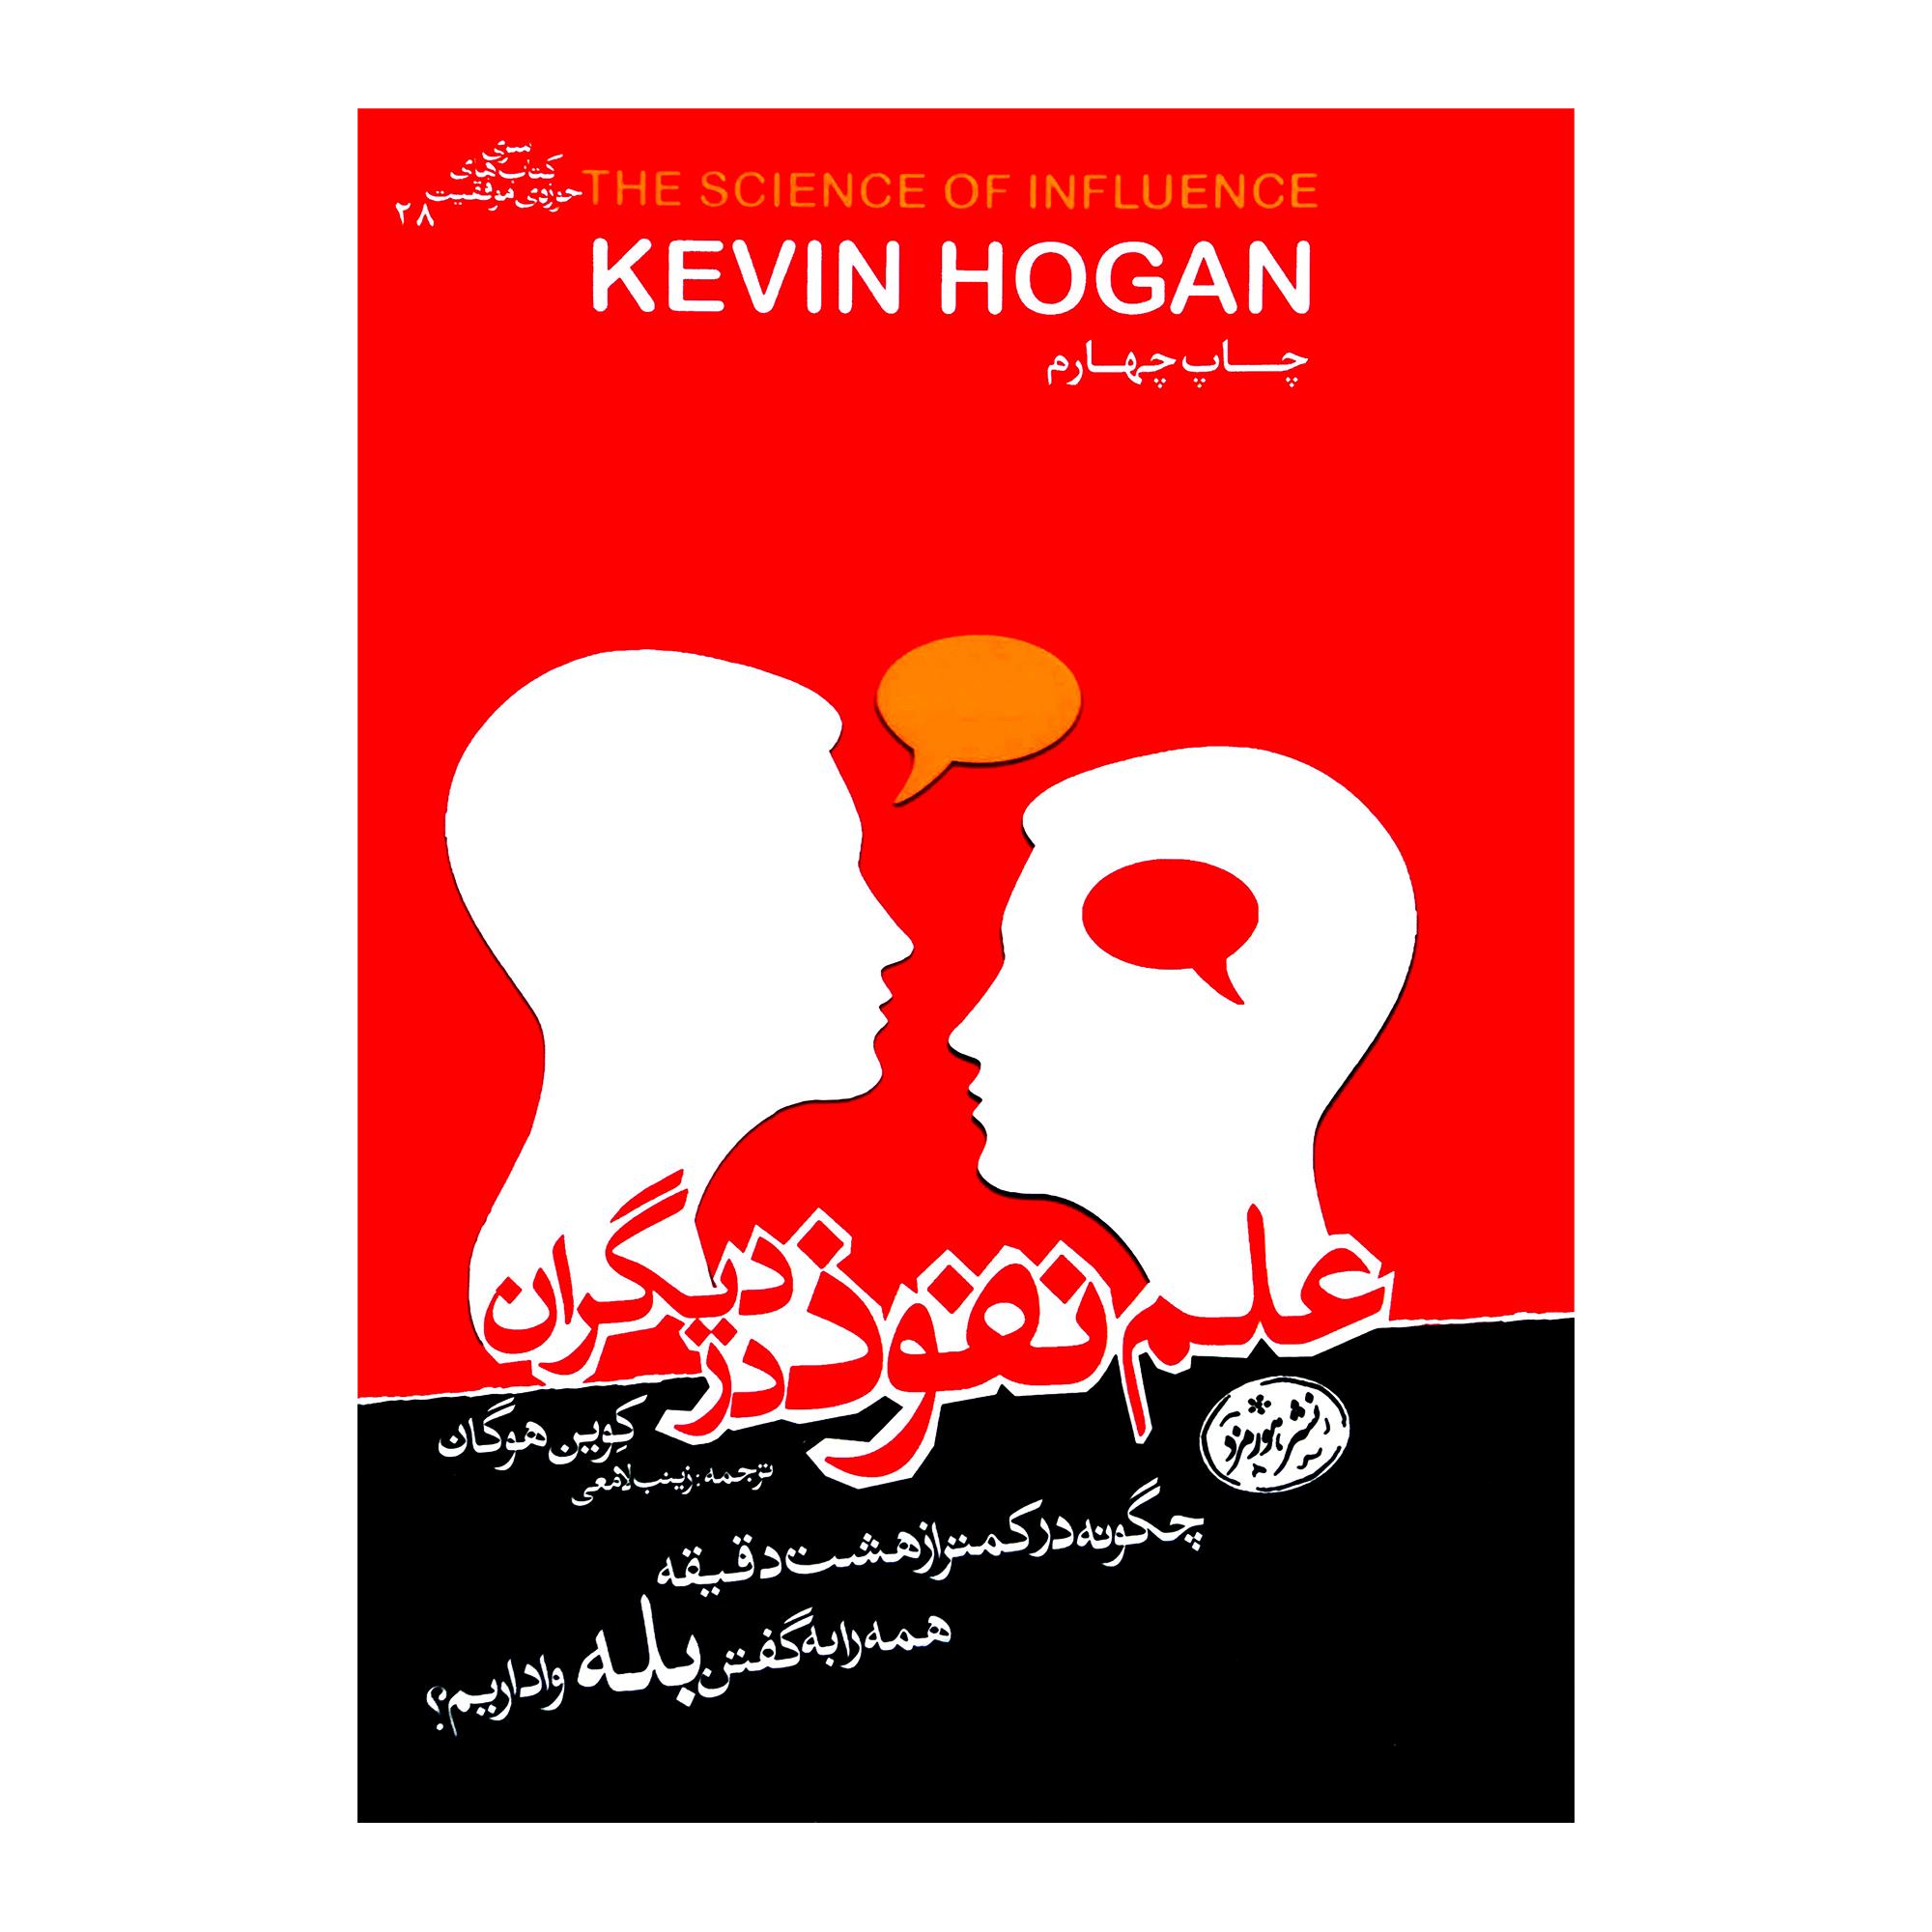 کتاب علم نفوذ در دیگران اثر کوین هوگان نشر هورمزد